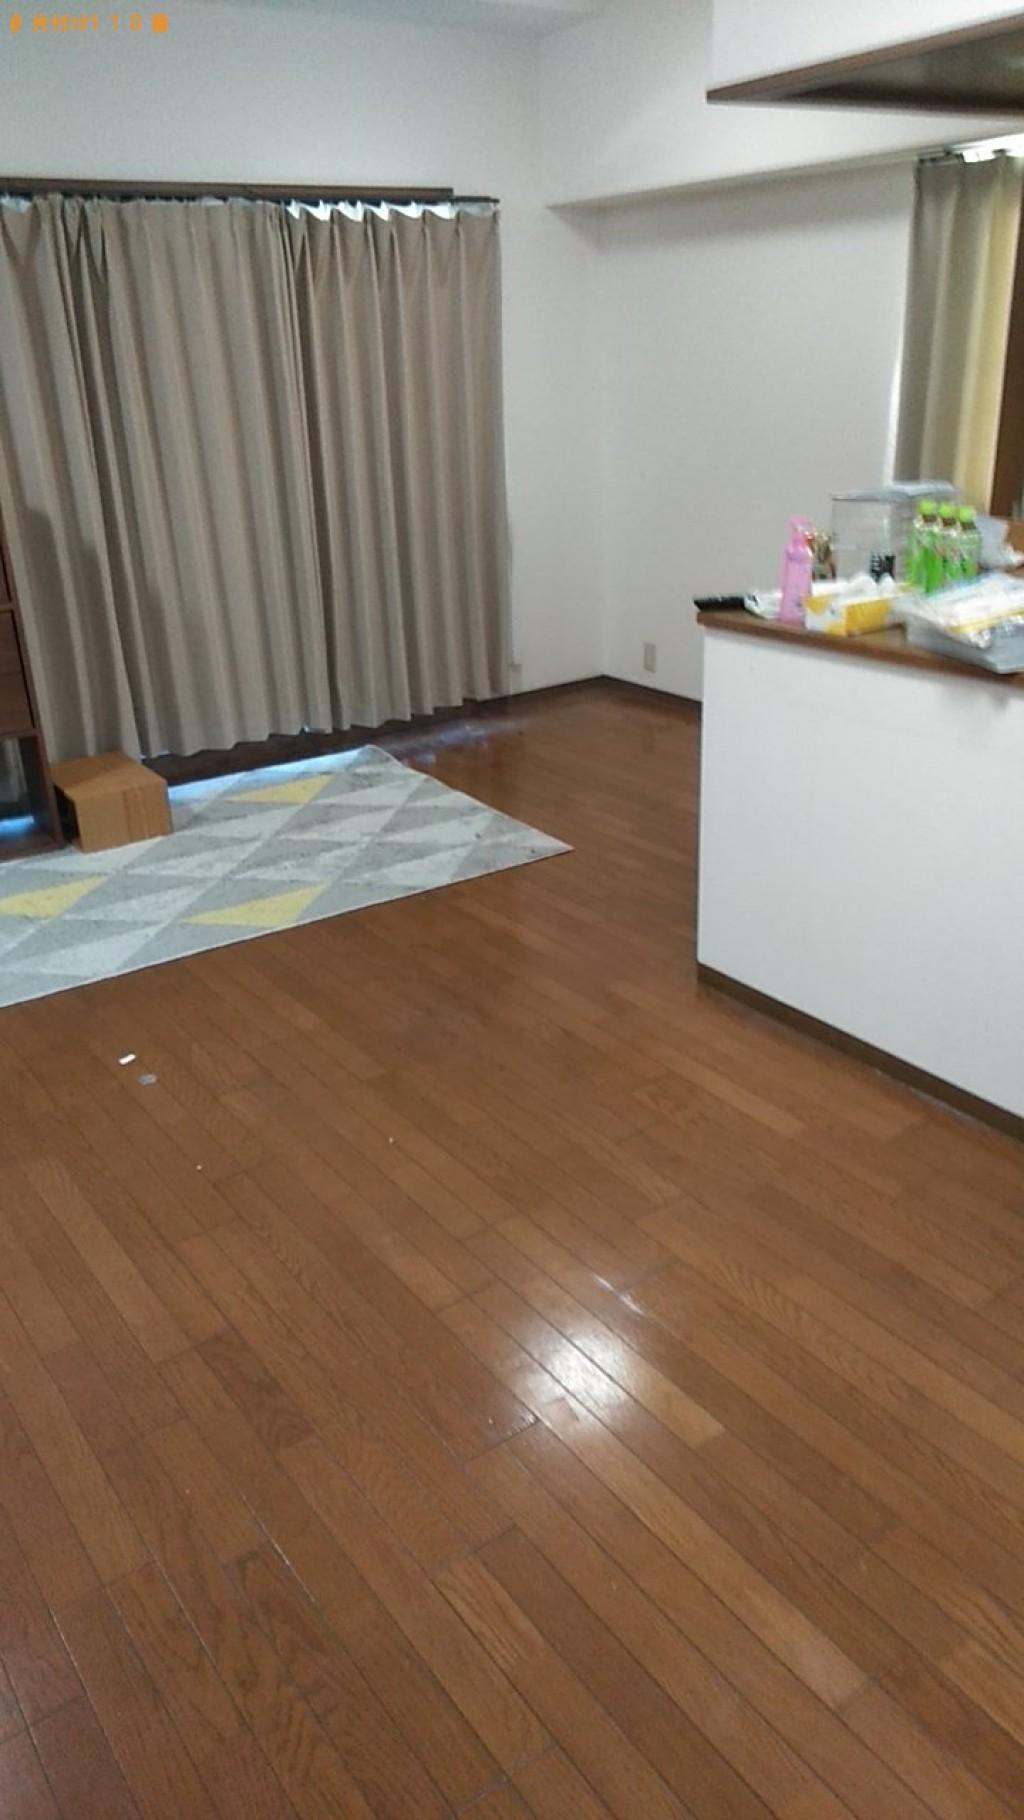 【今治市泉川町】冷蔵庫、食器棚、ワイドダブルベッドの回収・処分